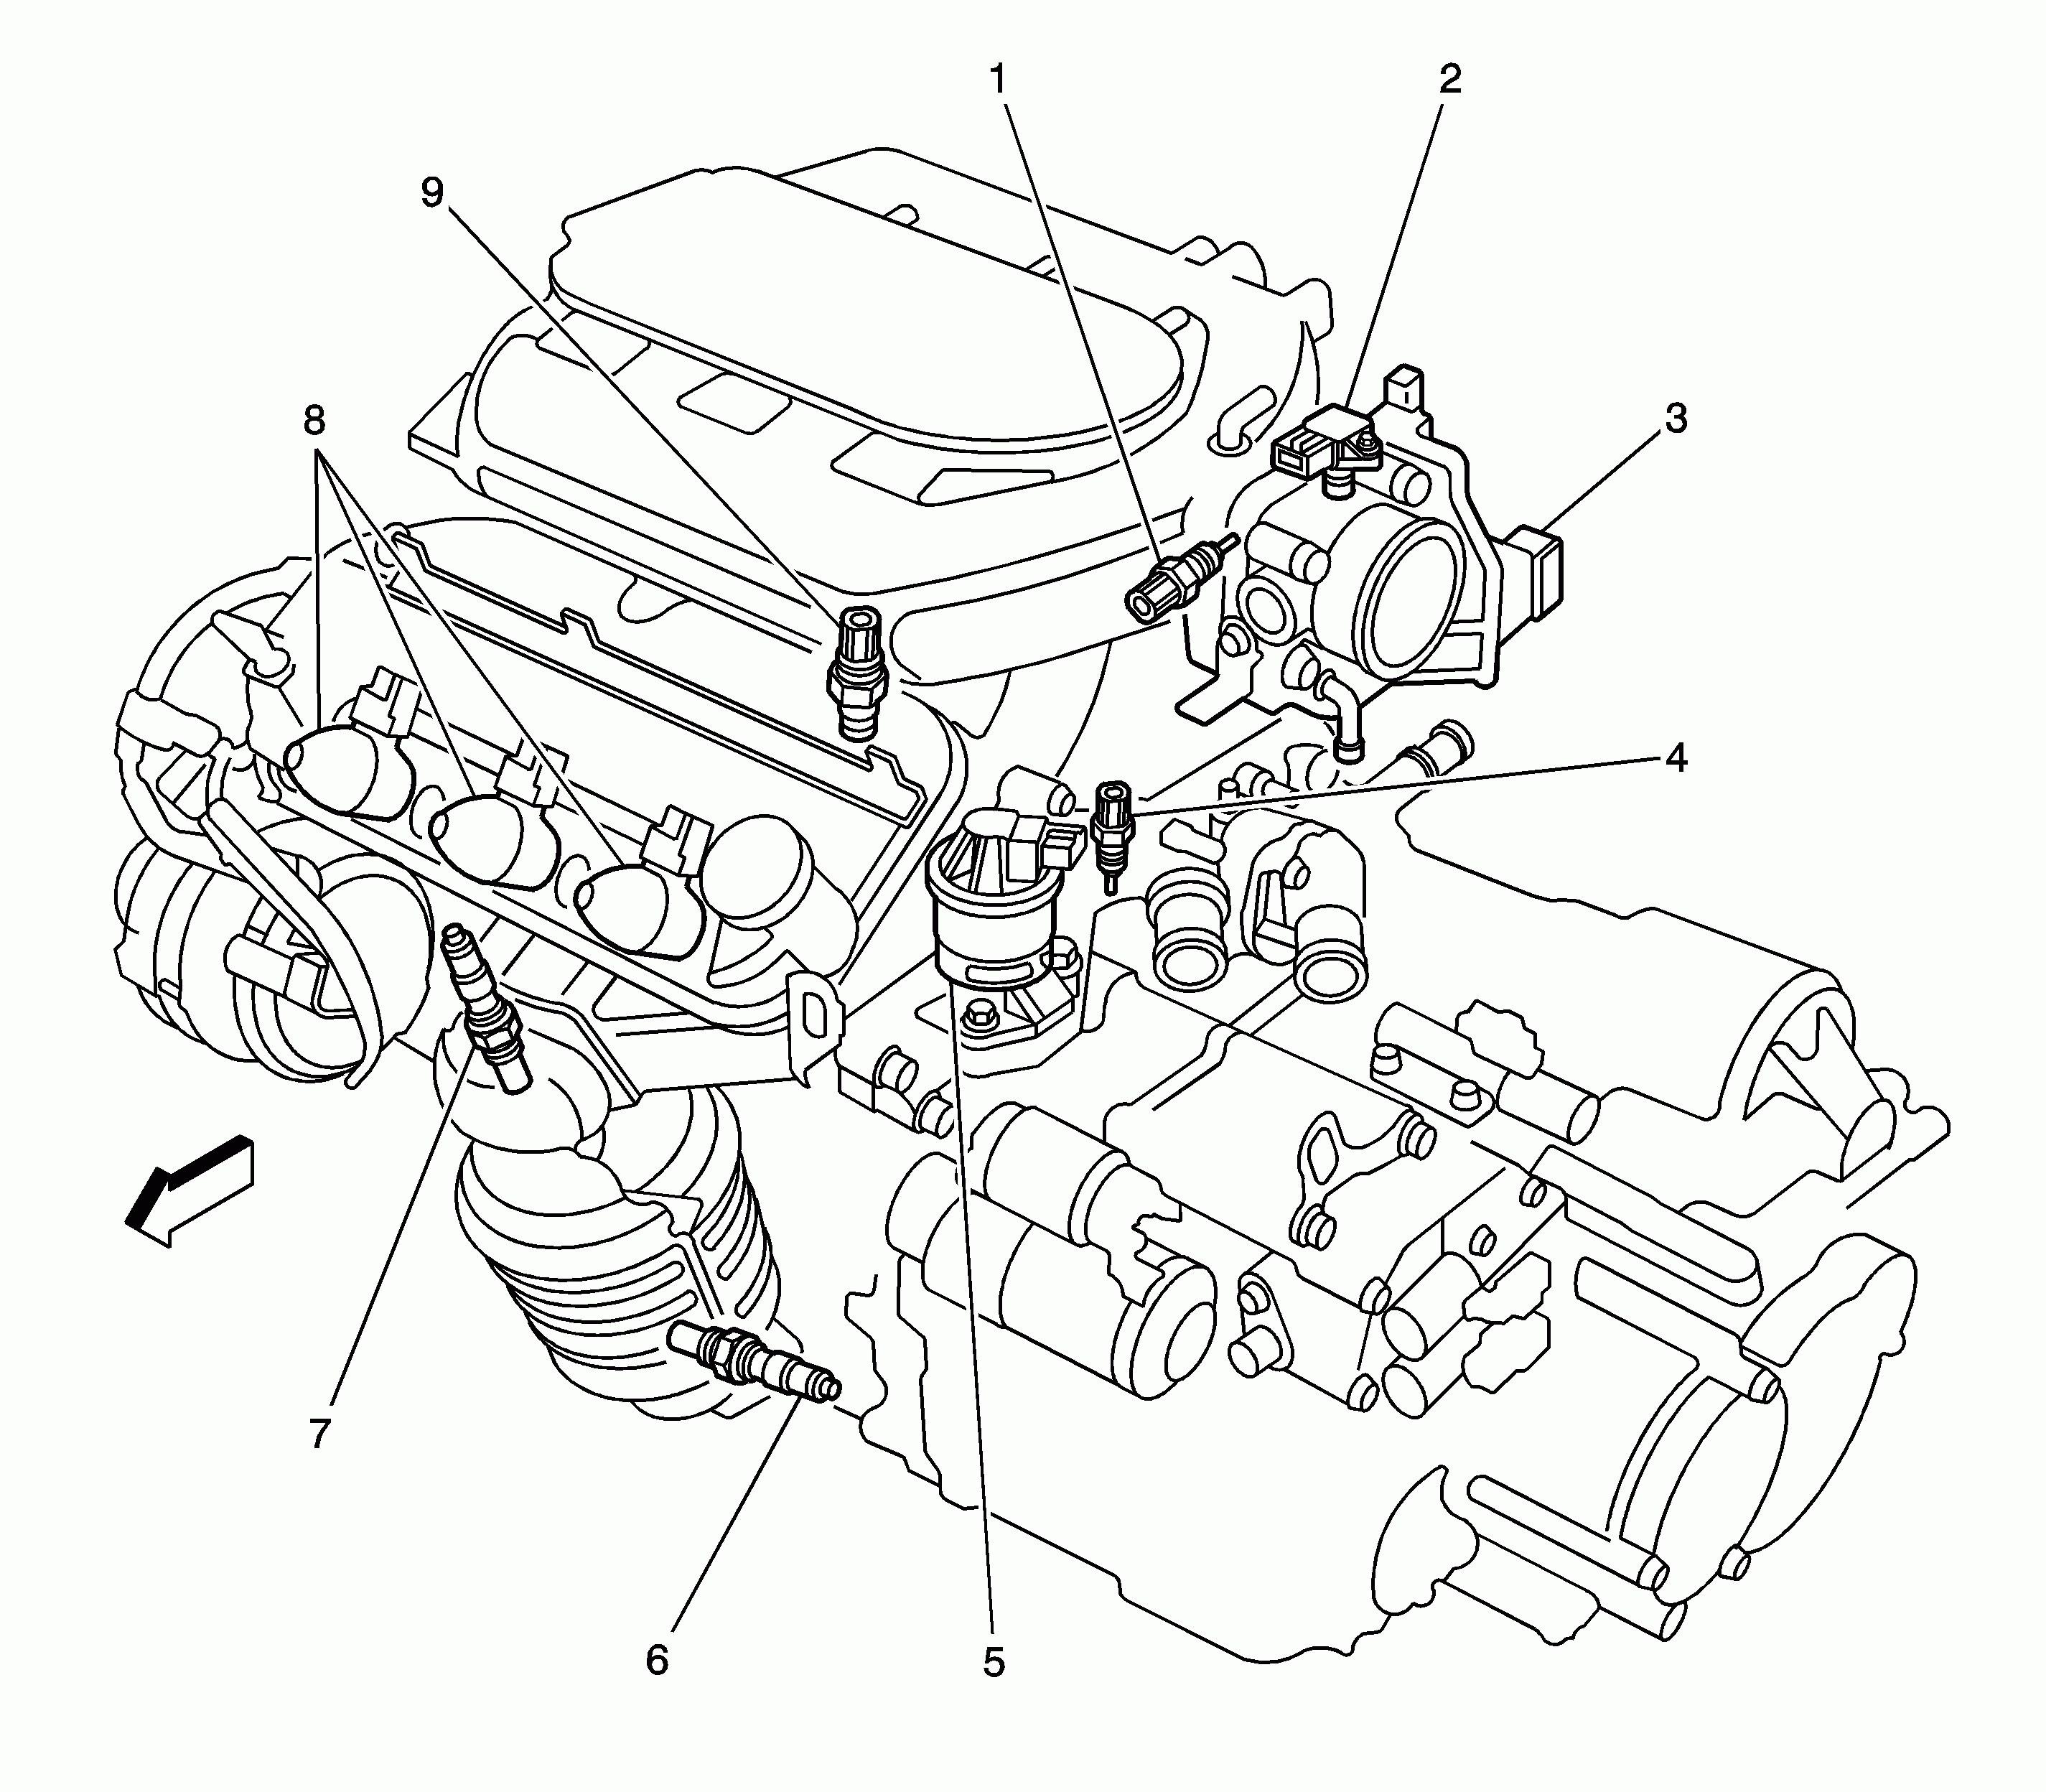 Ion Engine Diagram 1999 Pontiac Grand Am Engine Fuse Diagram Pontiac Wiring Diagrams Of Ion Engine Diagram